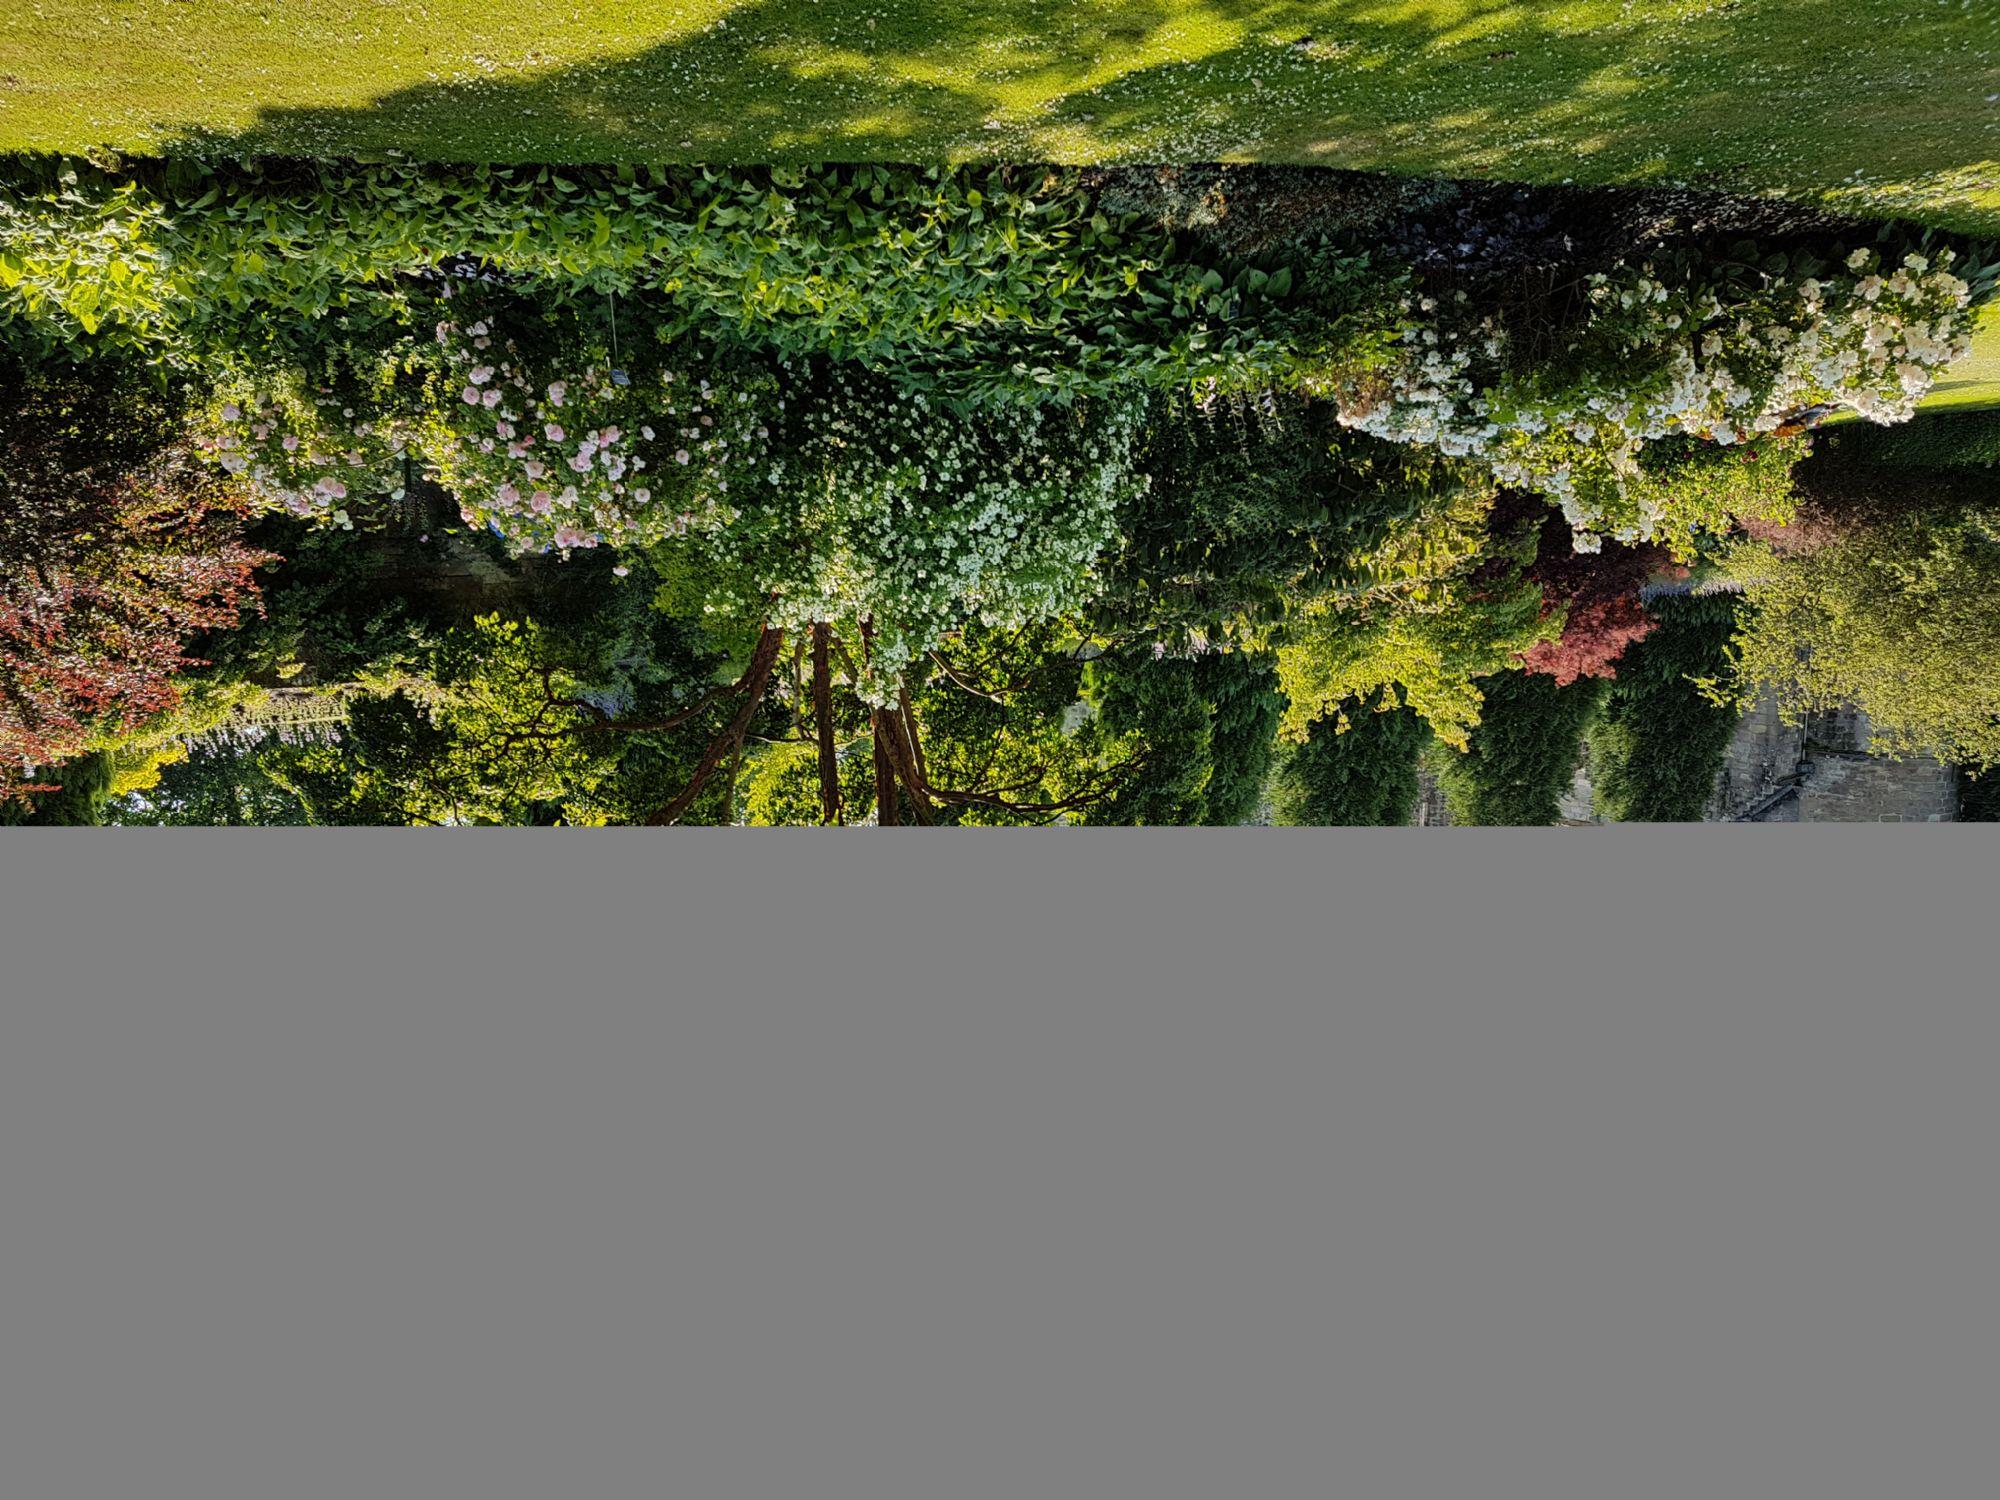 Falkland gardens